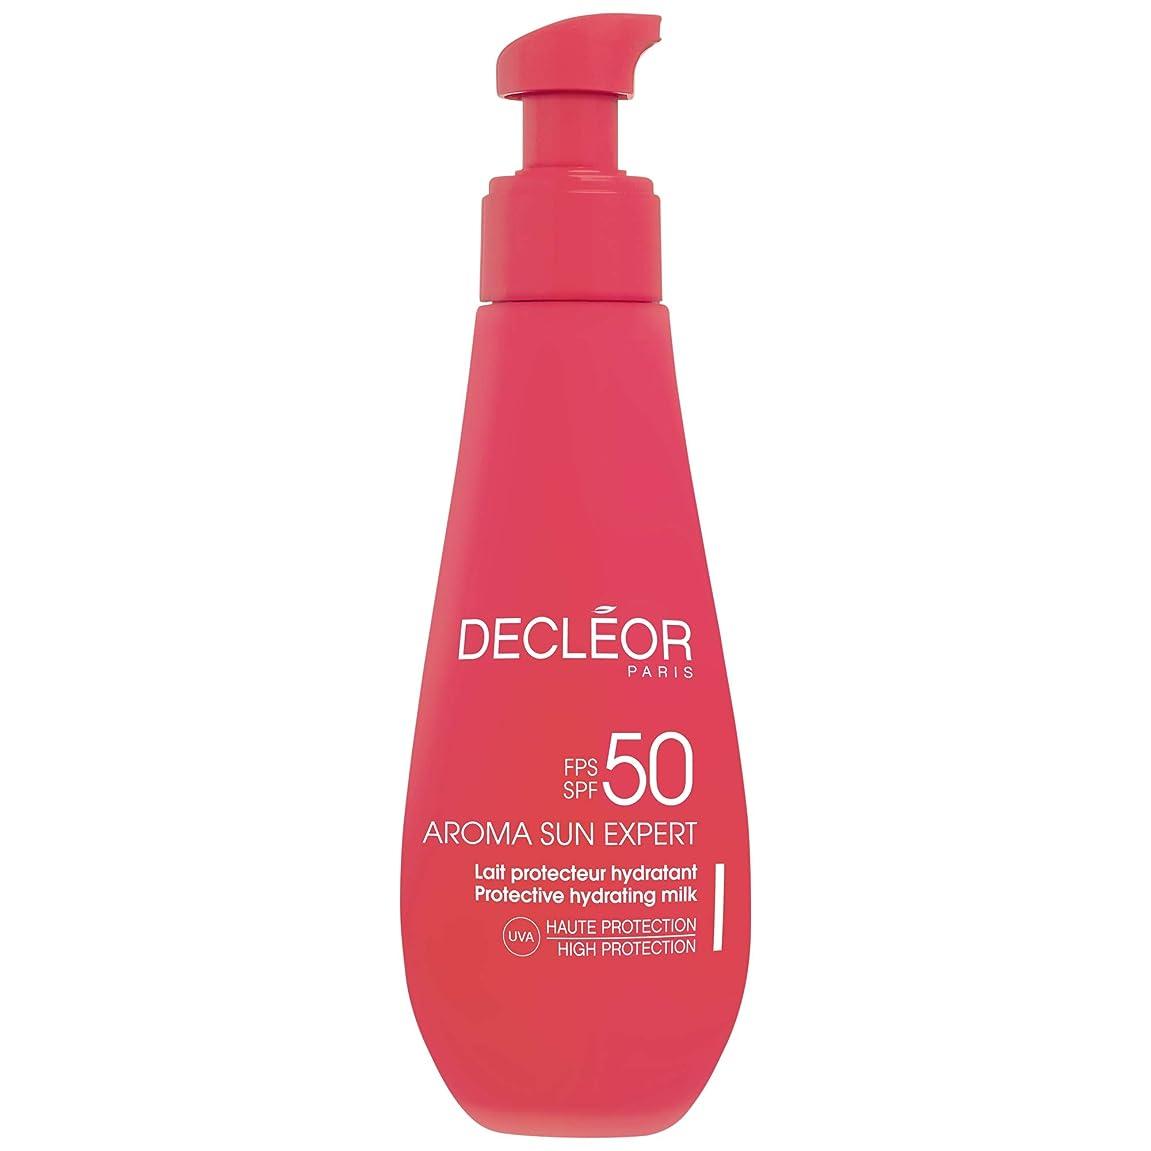 触覚ご近所ヤギ[Decl?or ] デクレオールアロマ日の専門家で超保護抗シワクリームSpf50 - ボディローション150Ml - Decl?or Aroma Sun Expert Ultra Protective Anti-Wrinkle Cream SPF50 - Body 150ml [並行輸入品]